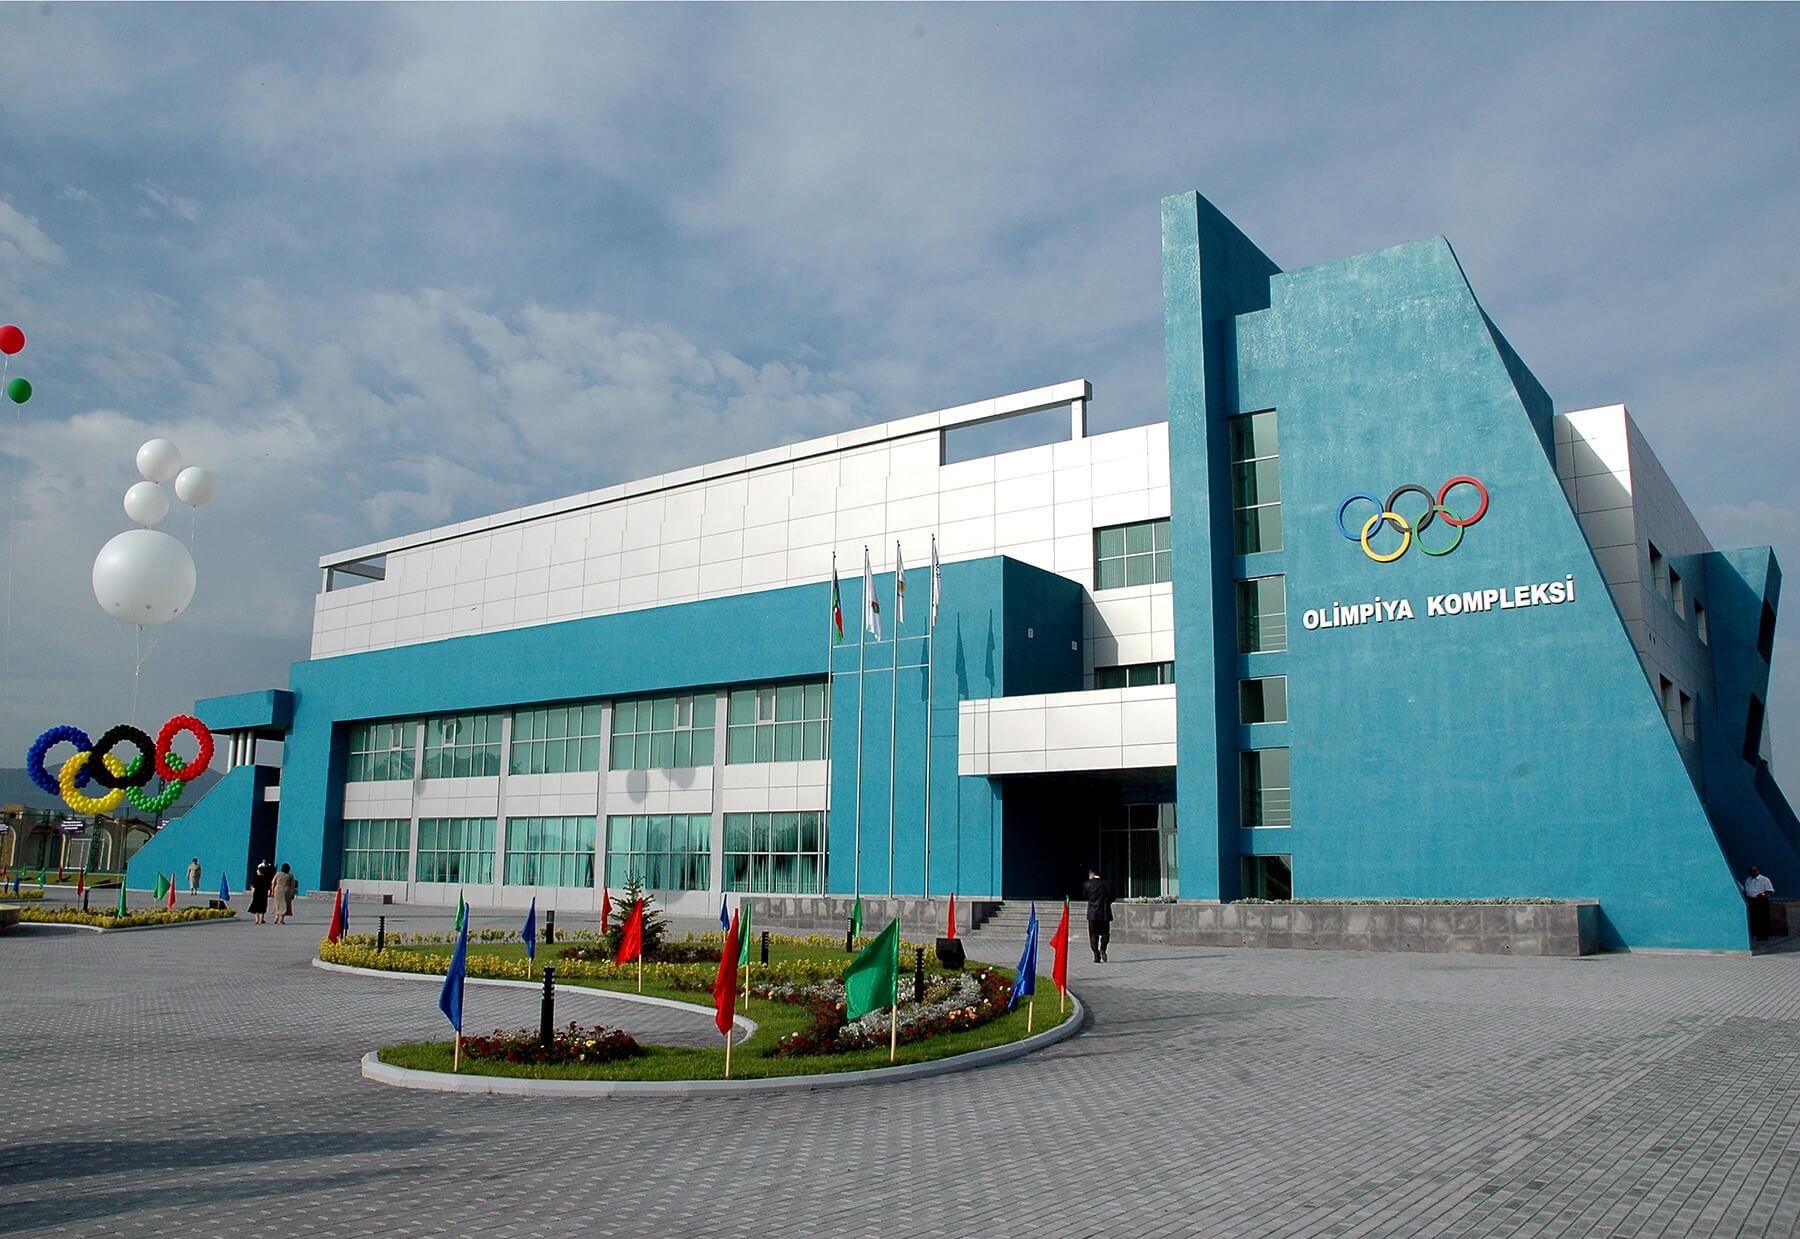 Olimpiya komplekslərində məşqlərə icazə verildi